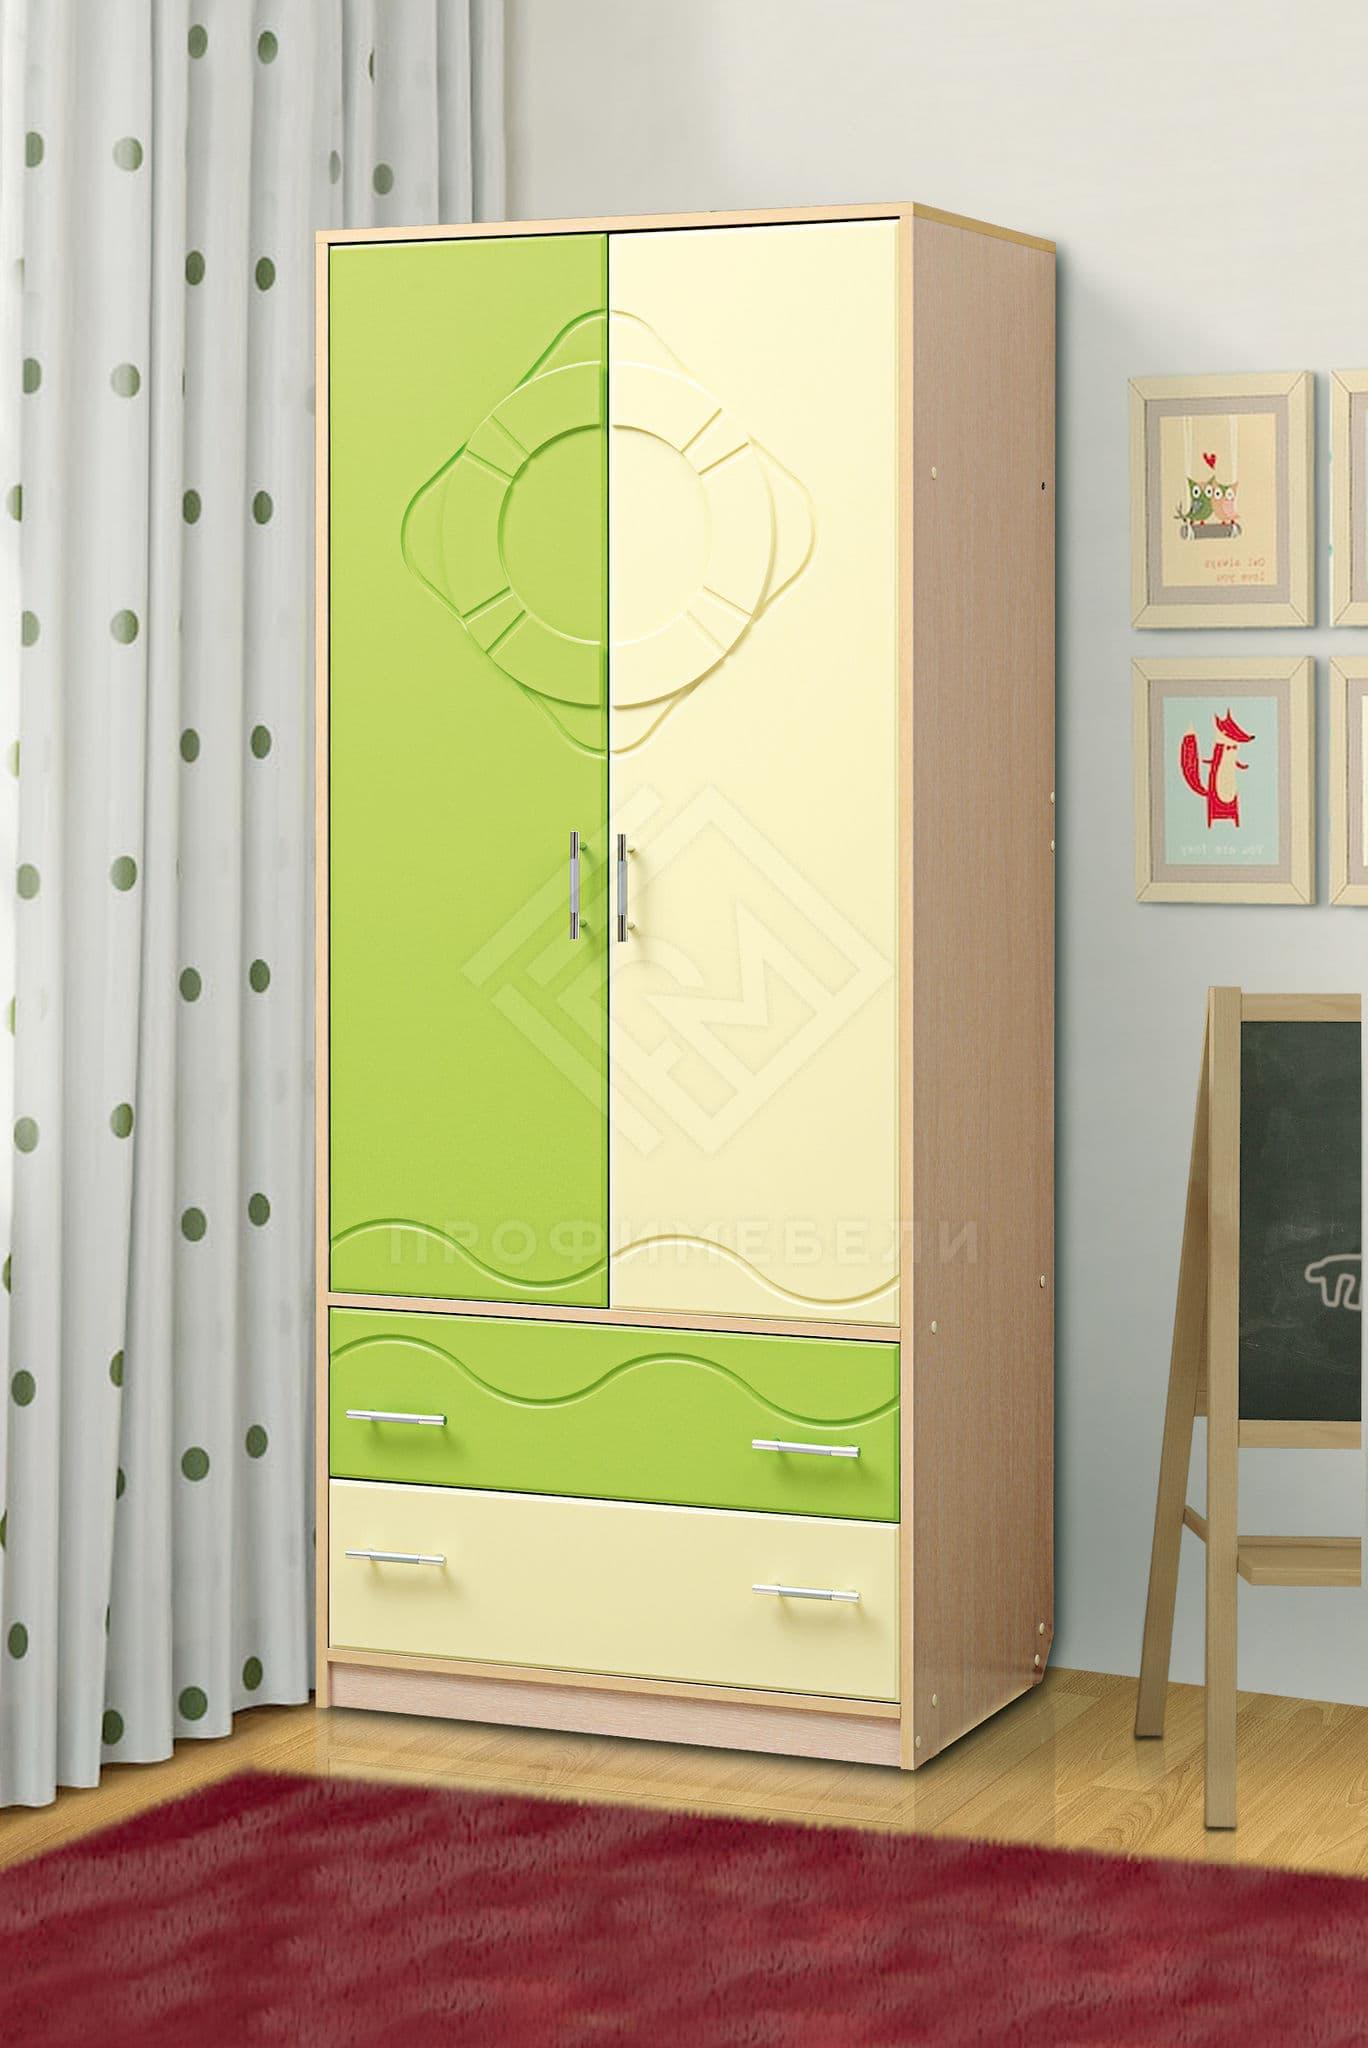 Фото - Юниор-12.1, Шкаф для платья и белья дуб молочный/светло-зеленый мат/ваниль матовый (№1)